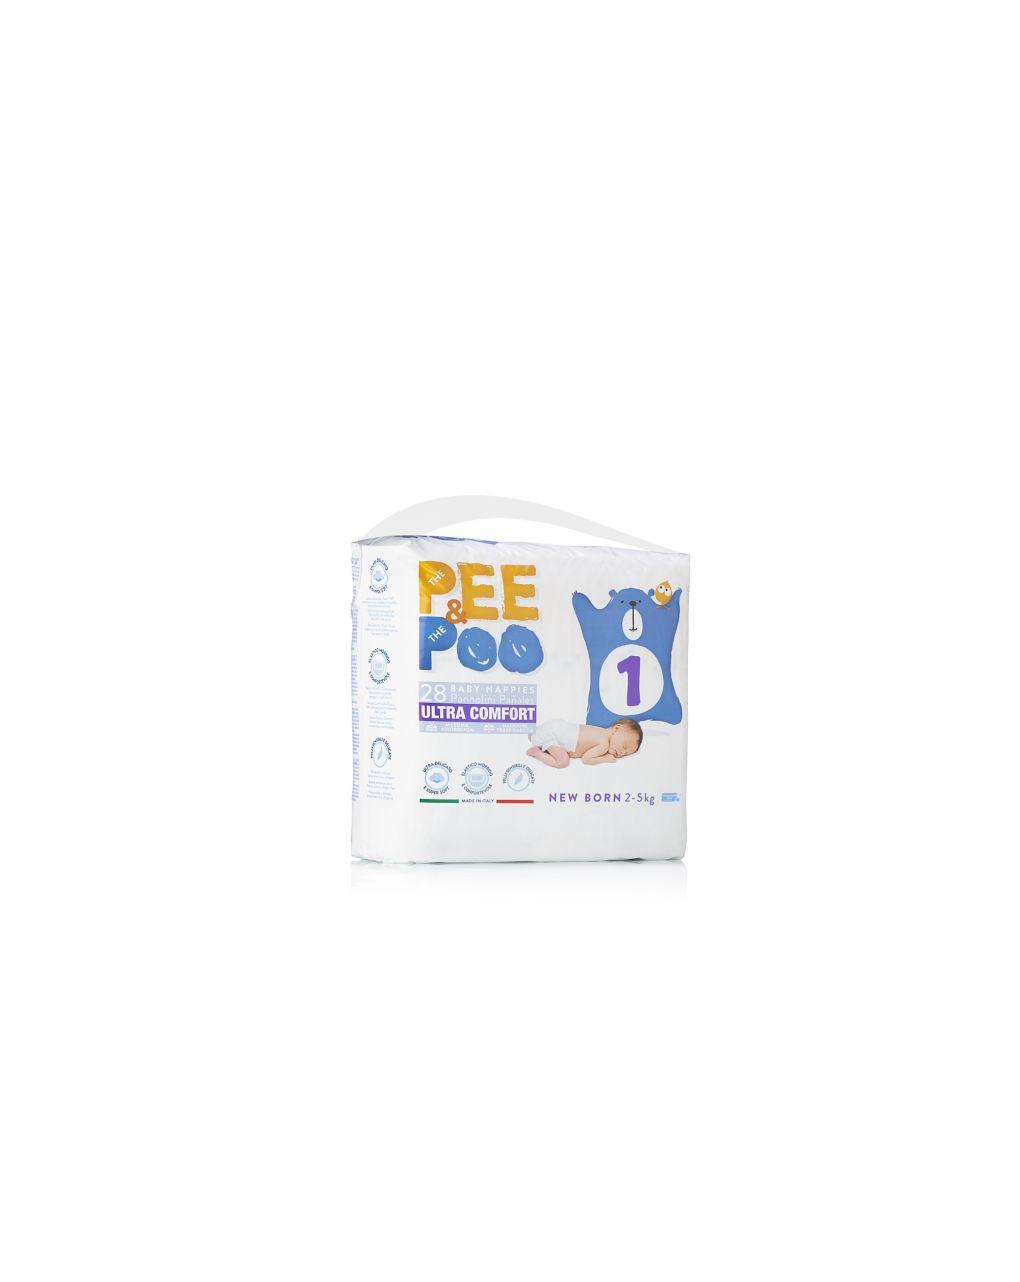 Pee&poo - new born tg 1 28 pz - The Pee & The Poo